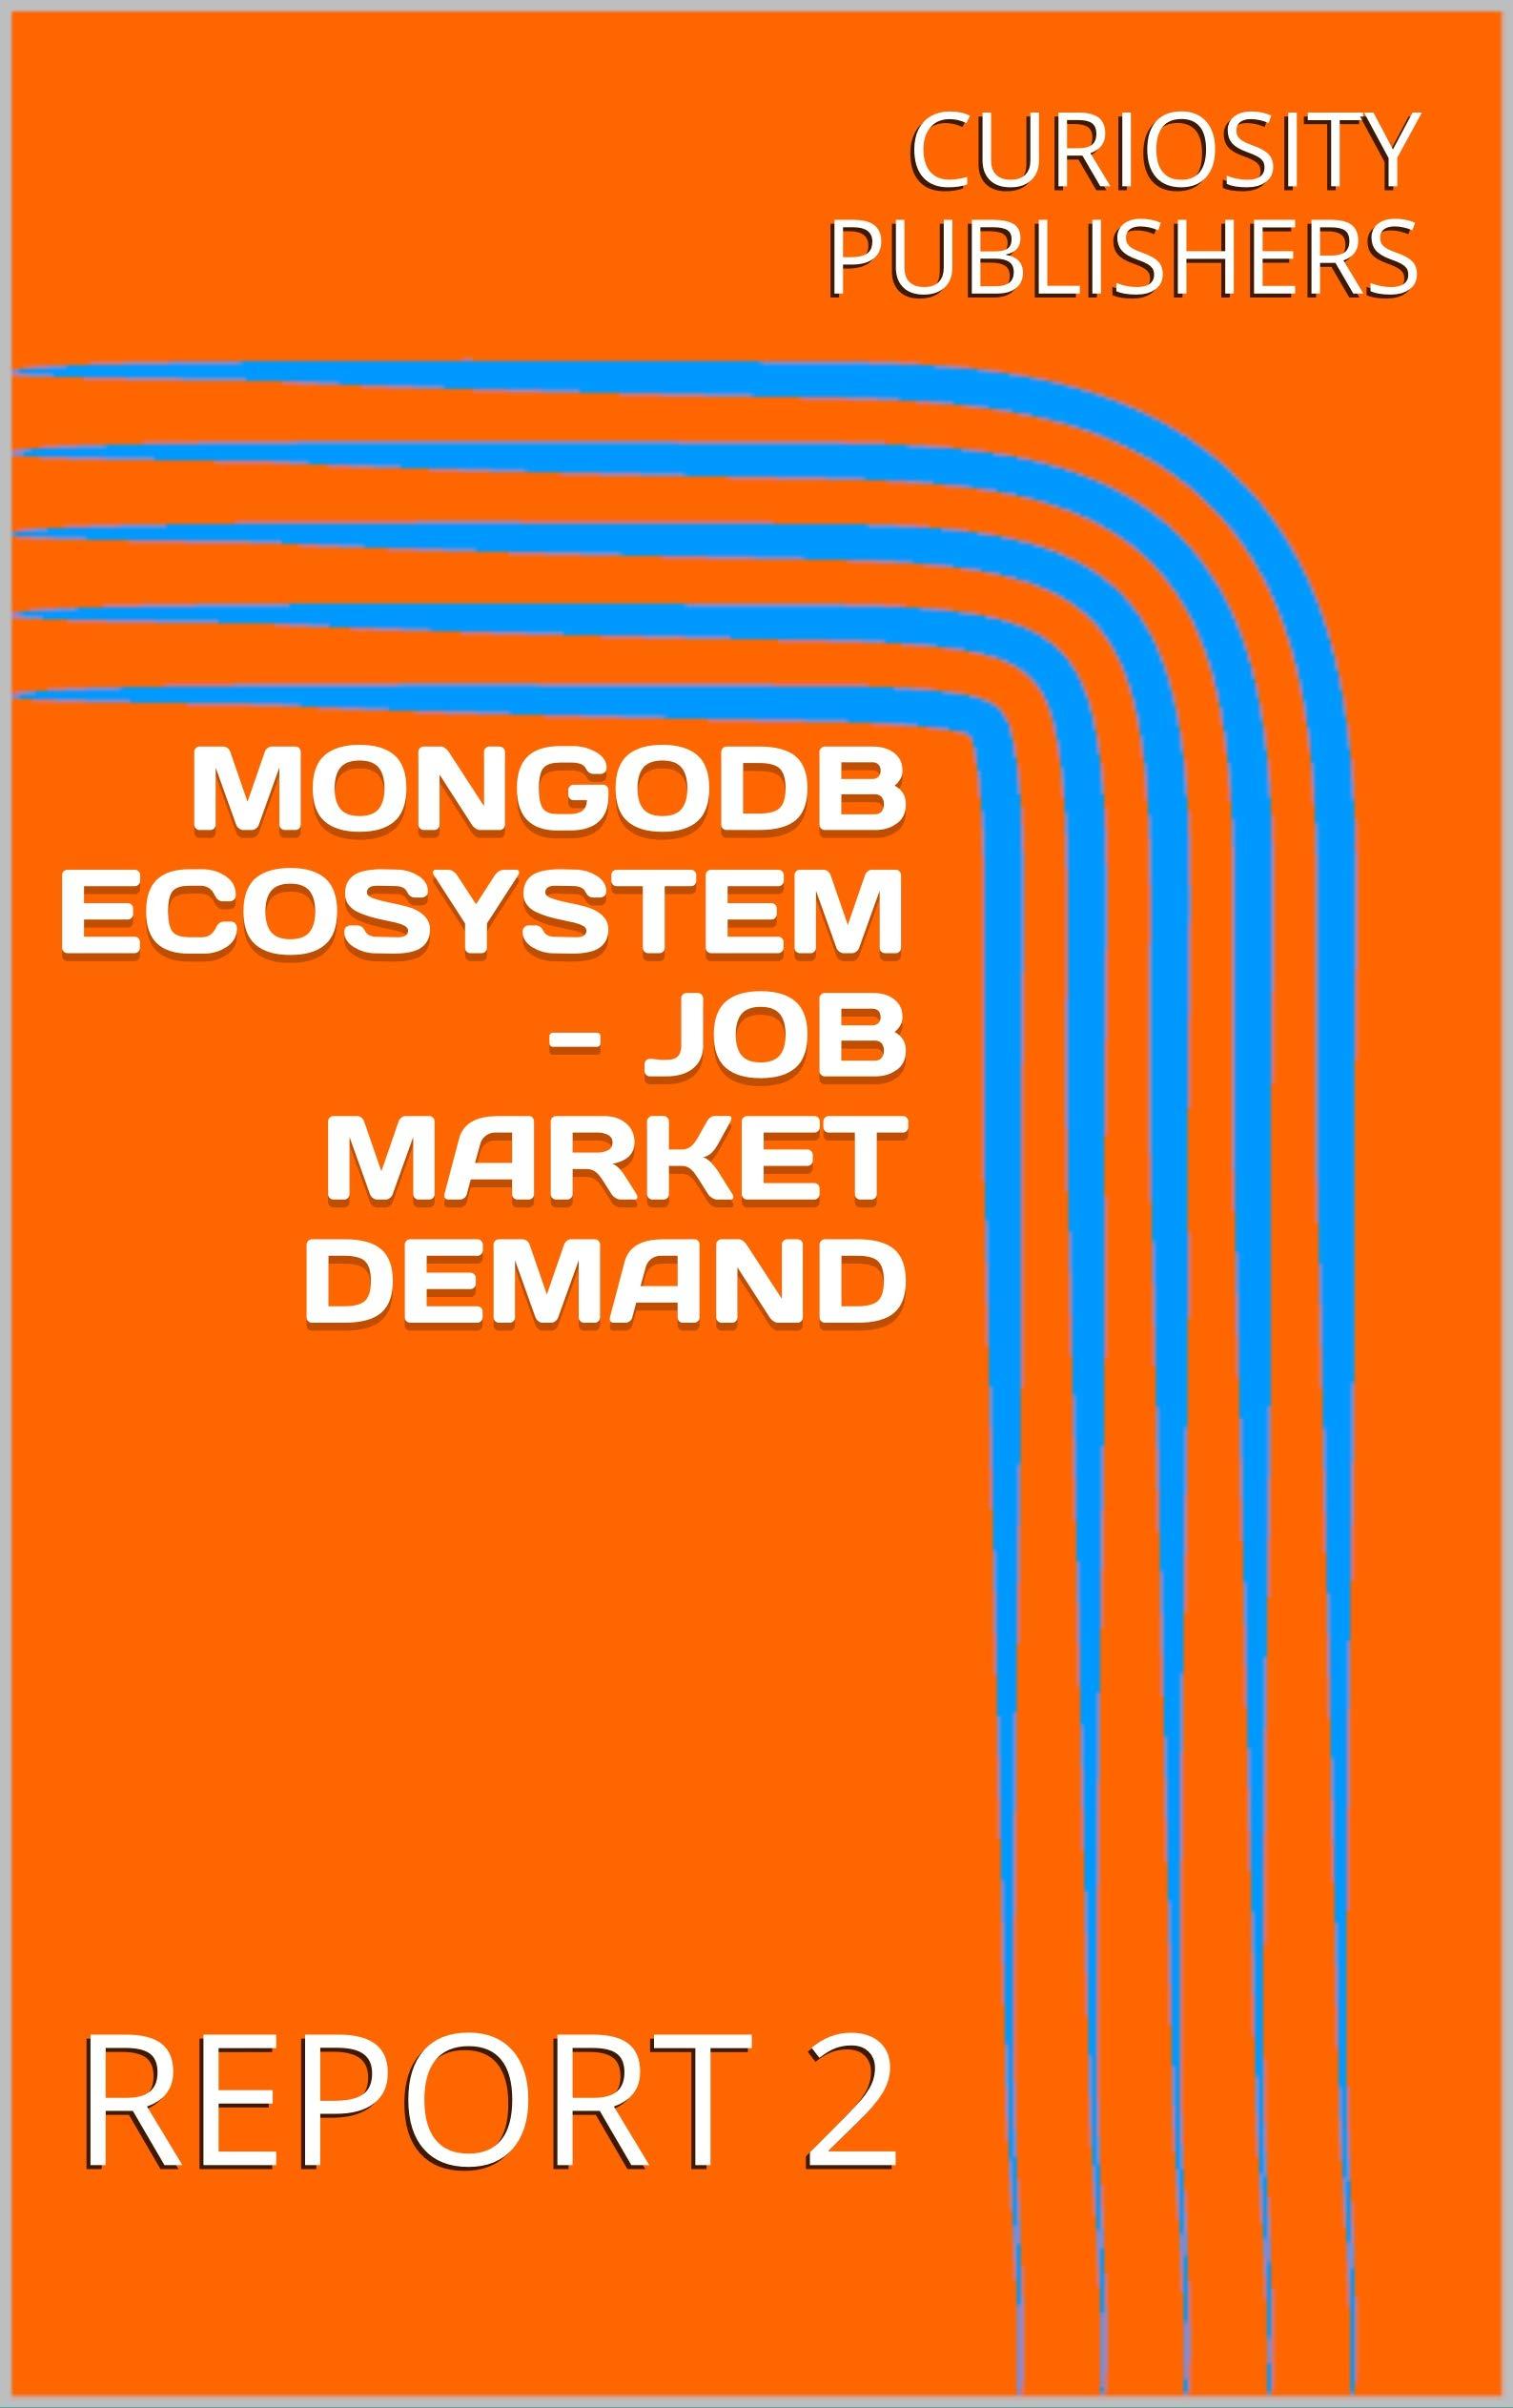 MONGODB ECOSYSTEM - JOB MARKET DEMAND: REPORT 2